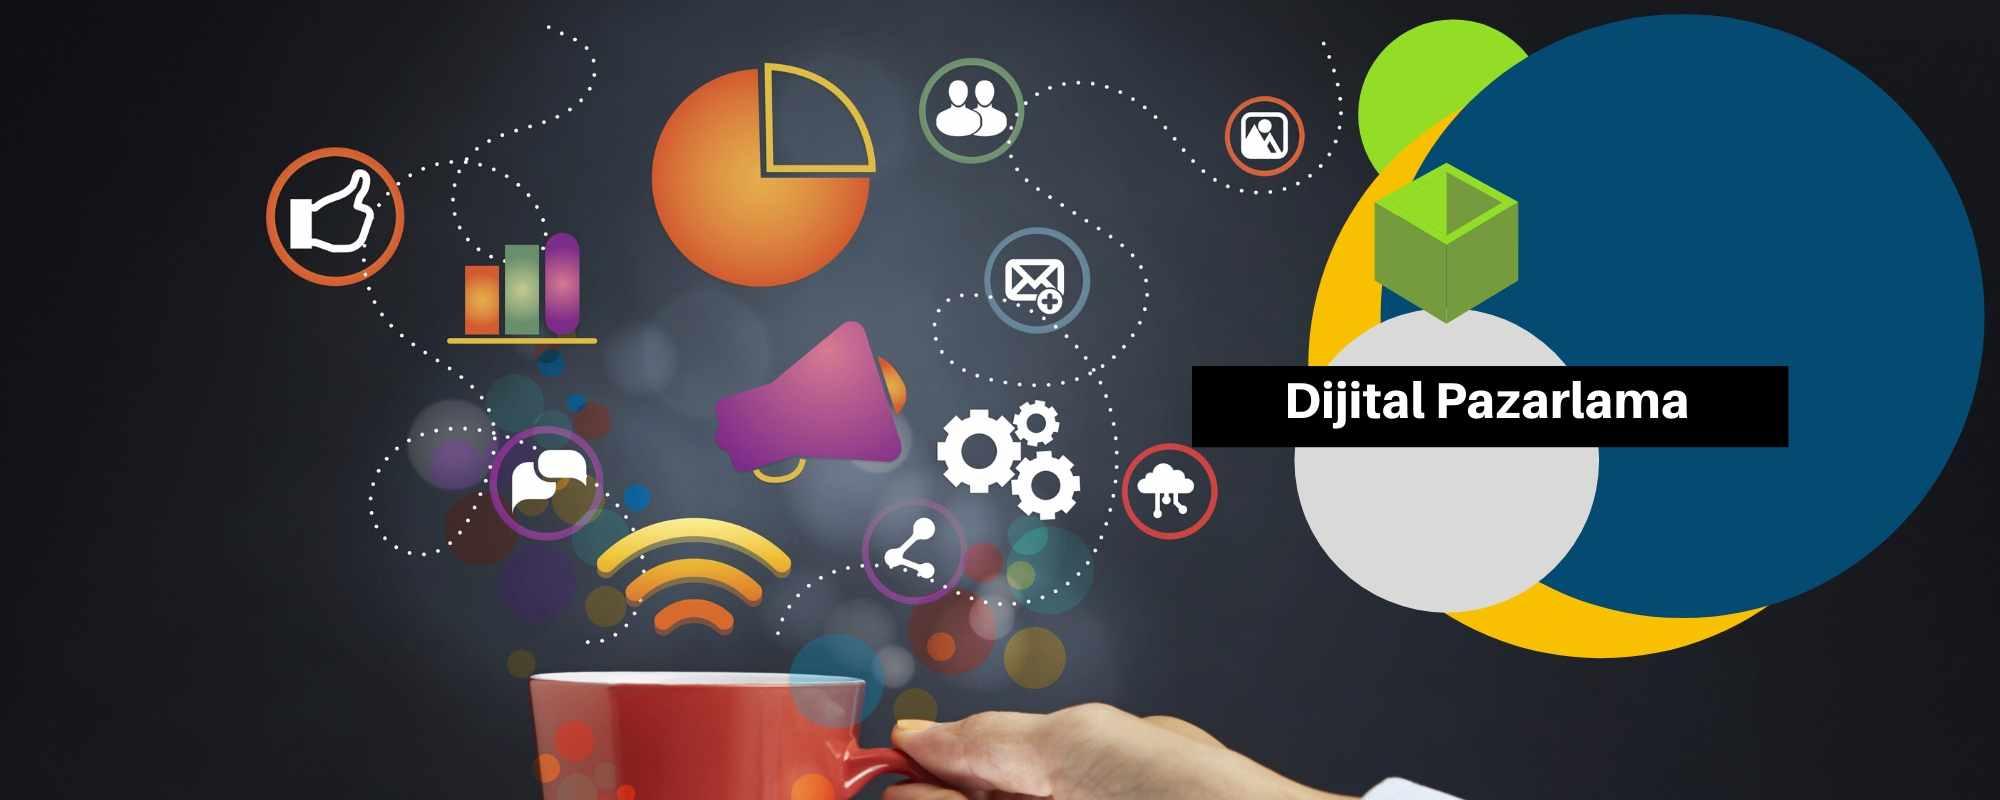 dijital pazarlama nedir